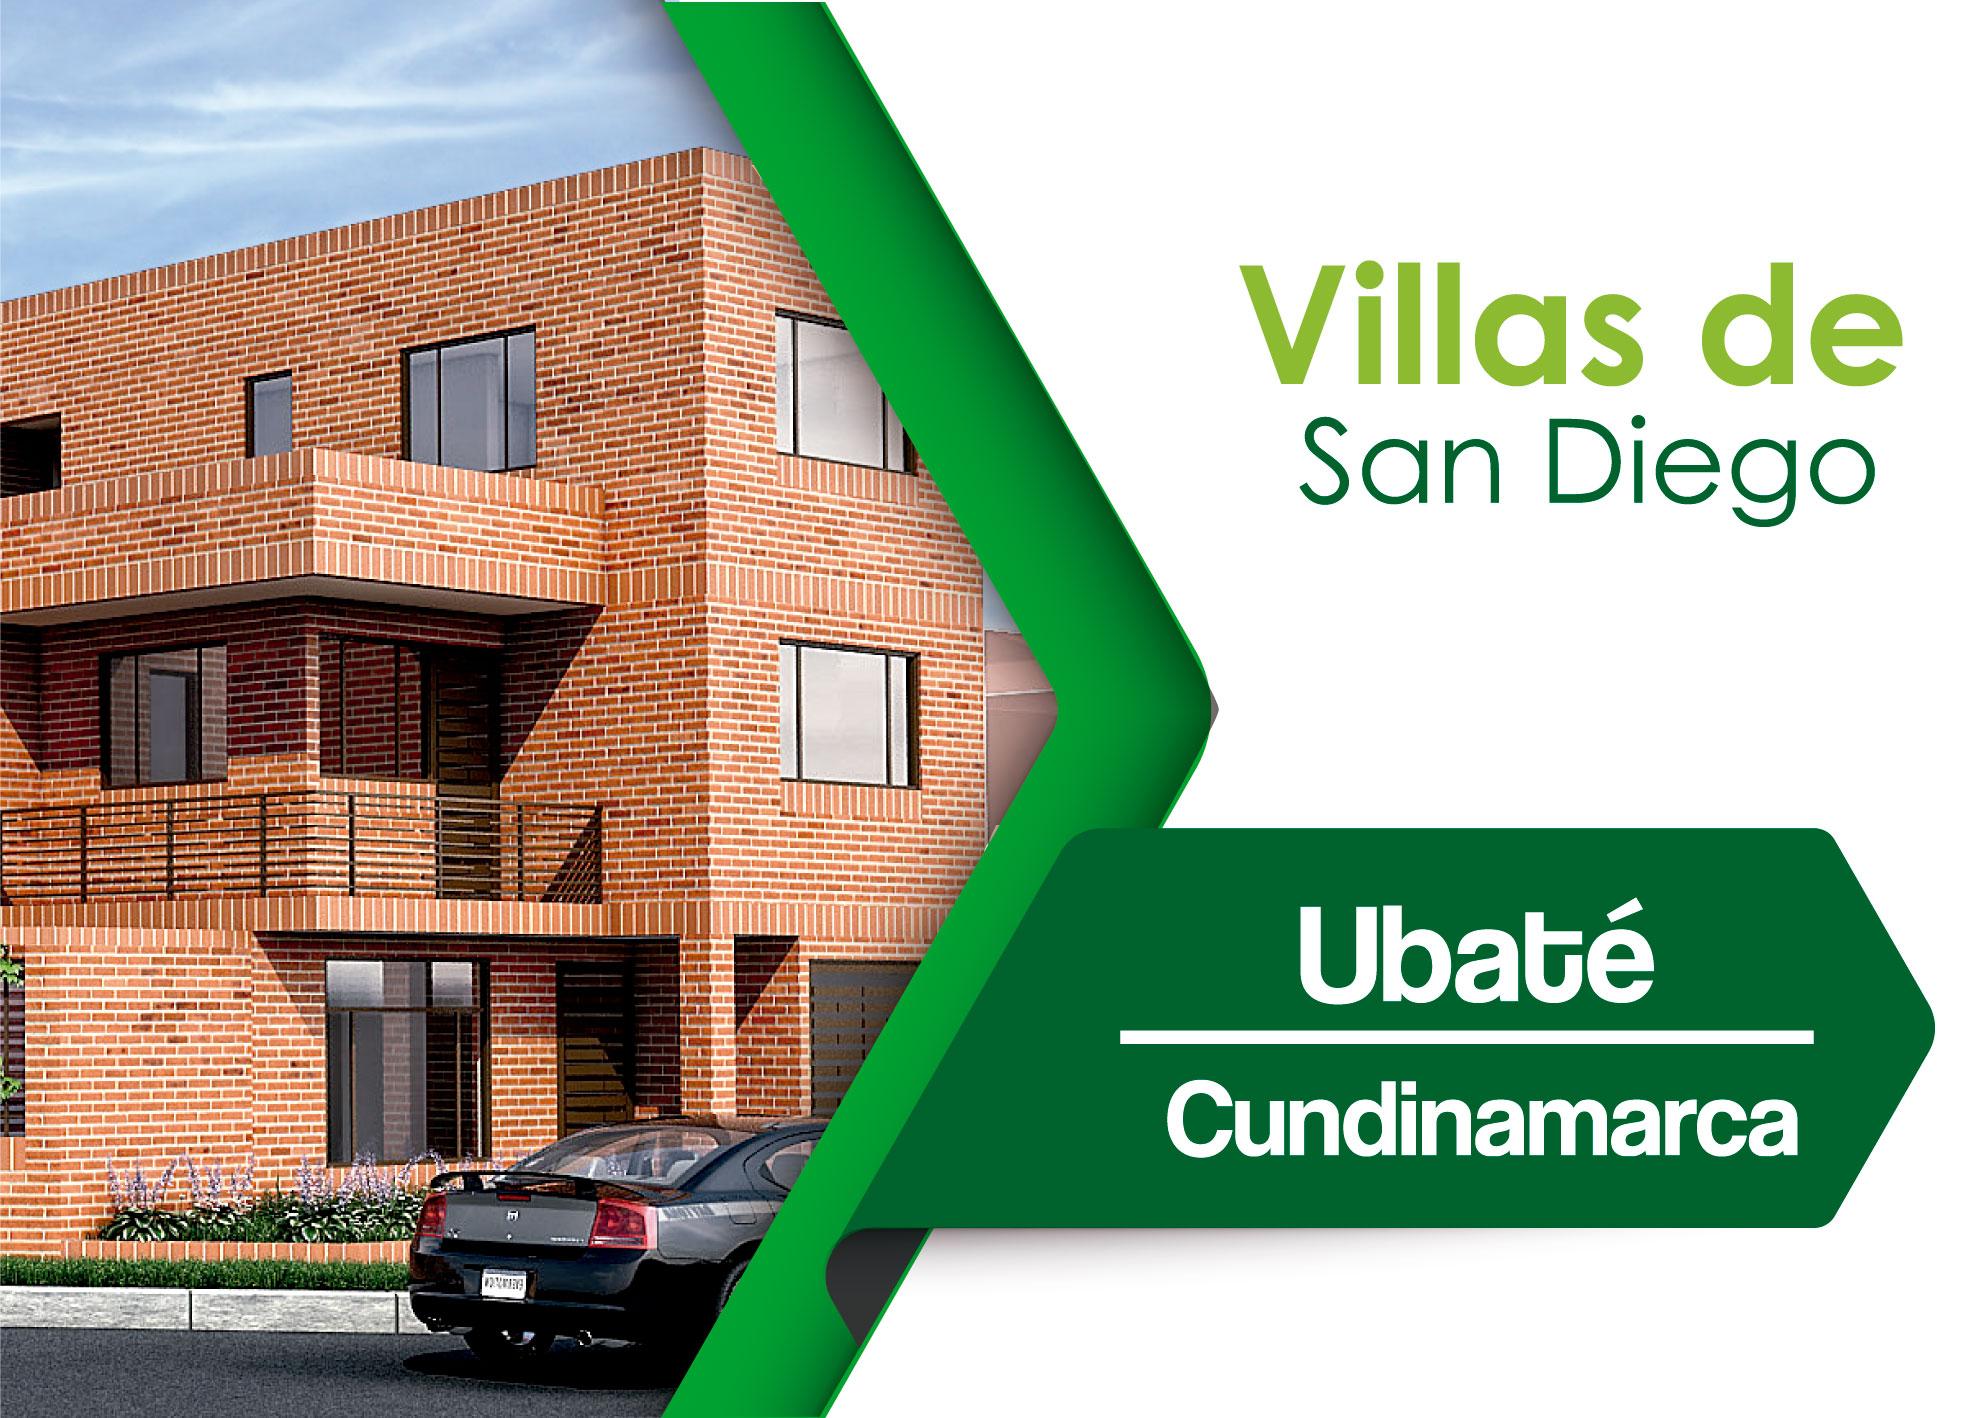 villas-de-san-diego